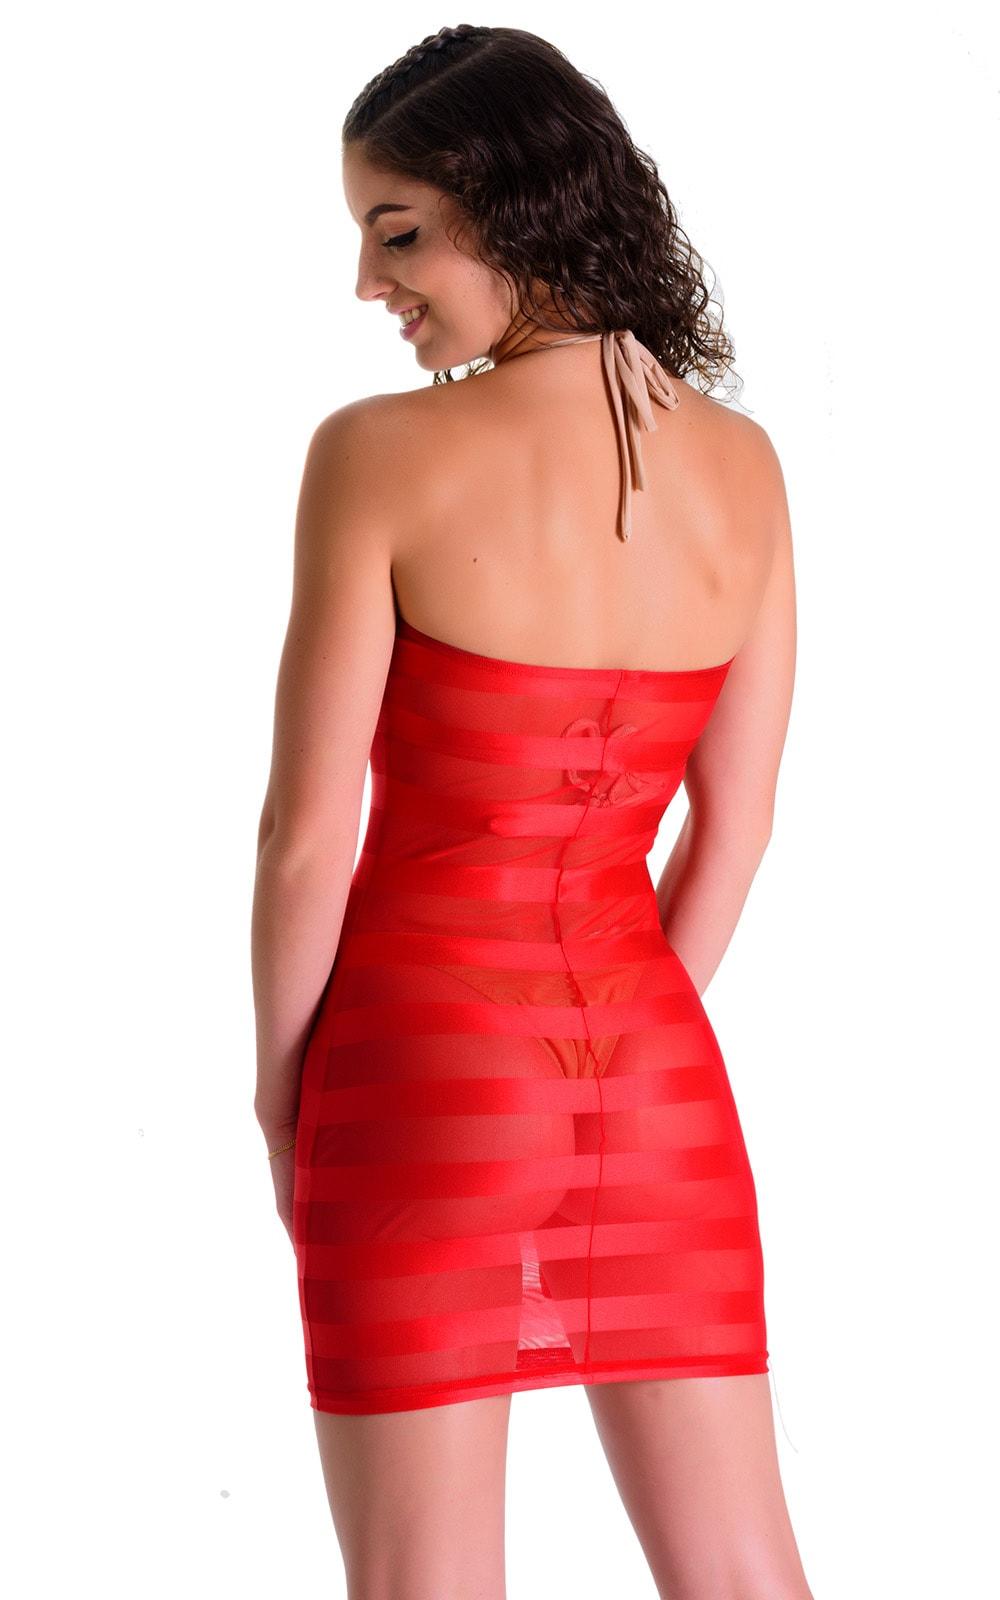 Mini Strapless Bodycon Dress in Red Satin Stripe Mesh 2